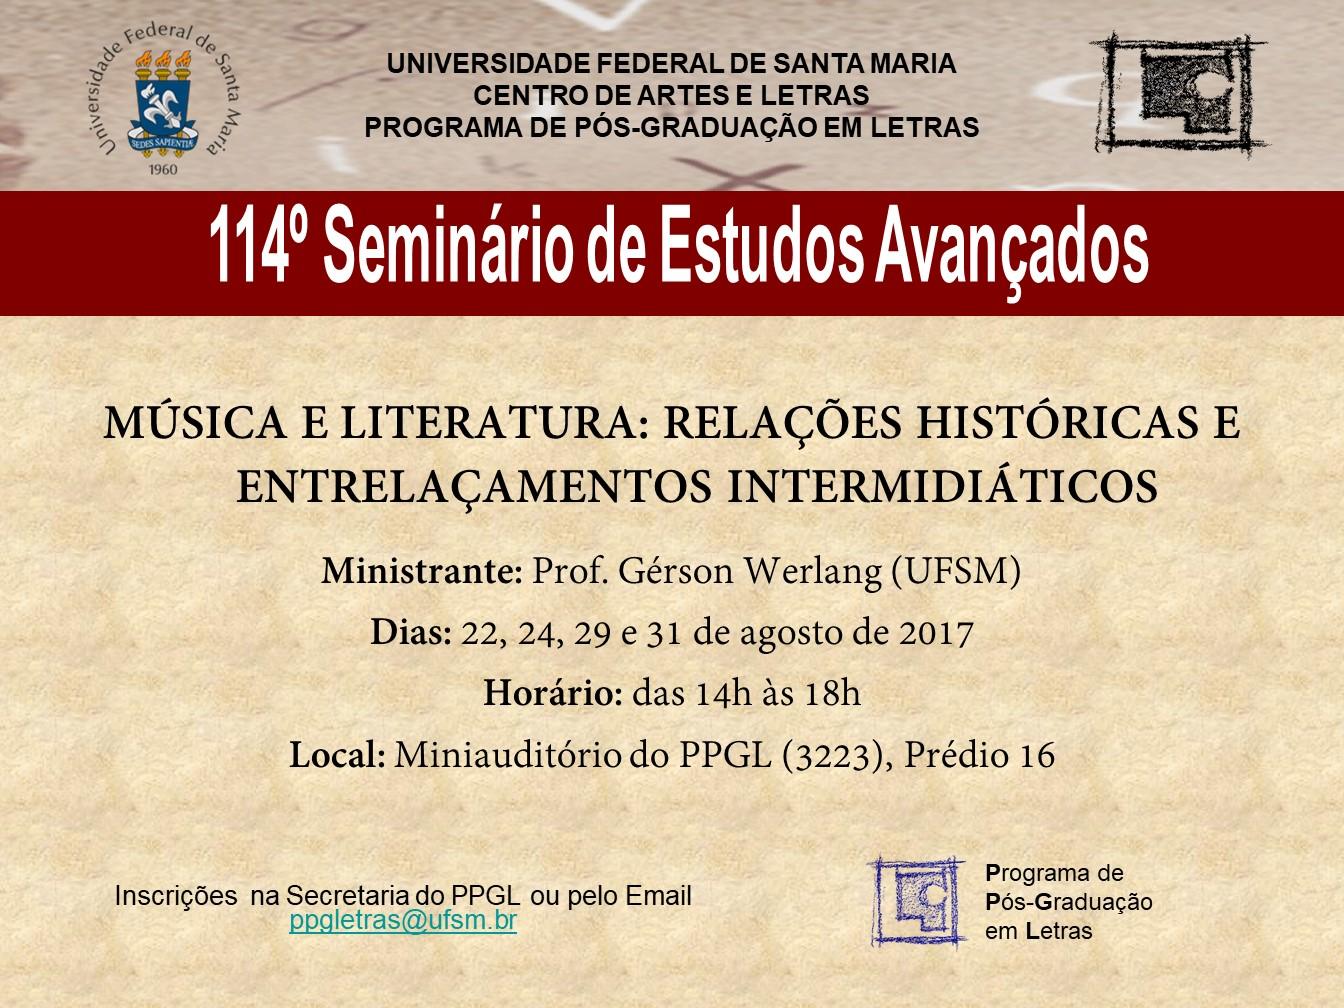 114º Seminário de Estudos Avançados